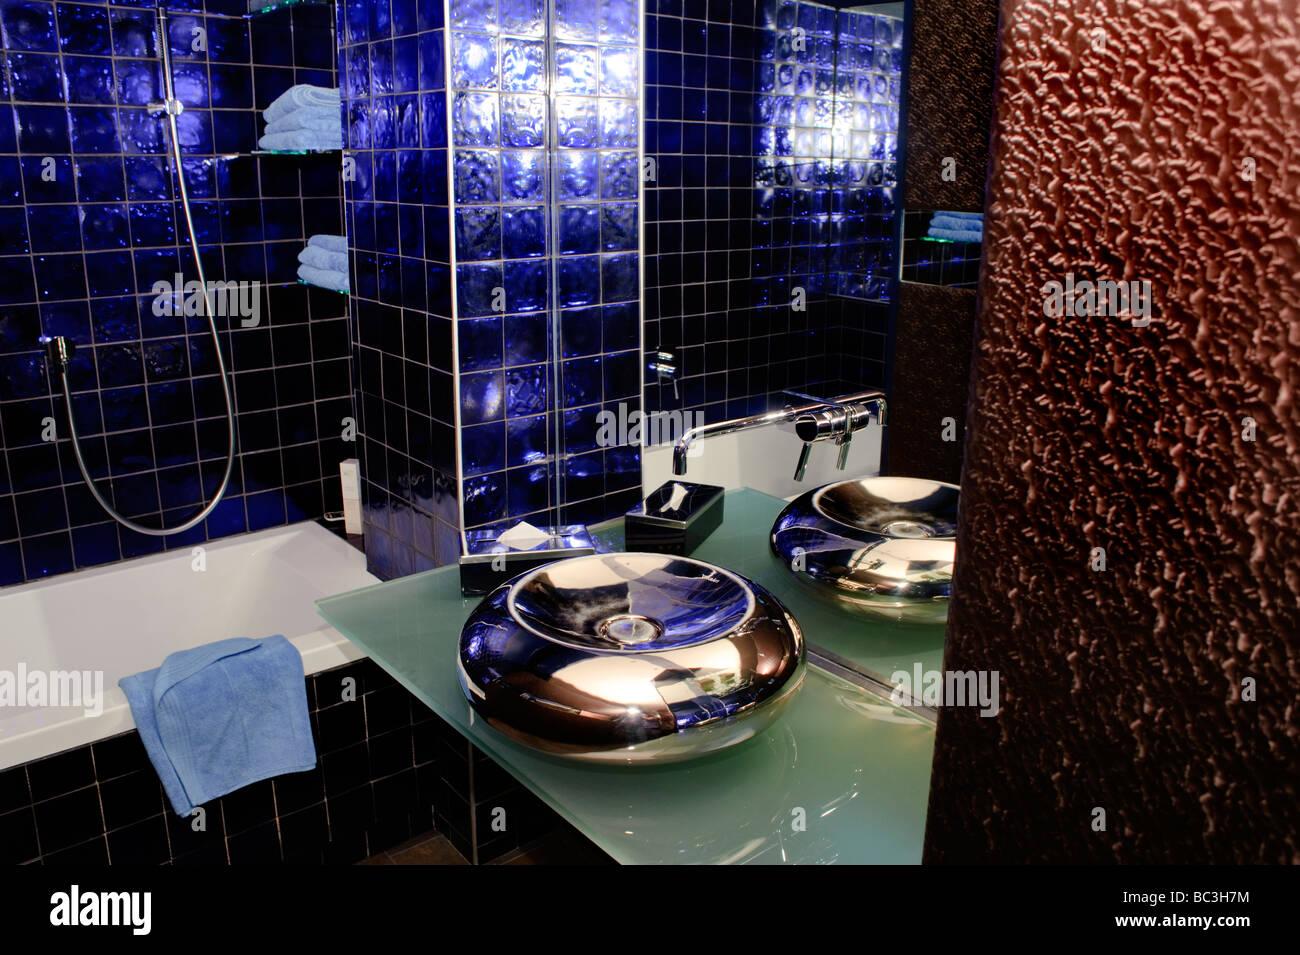 """Paris Frankreich, Interieur Interieur zeitgenössische Architektur Haushalt"""" Boutique Hotel Badezimmer Stockbild"""